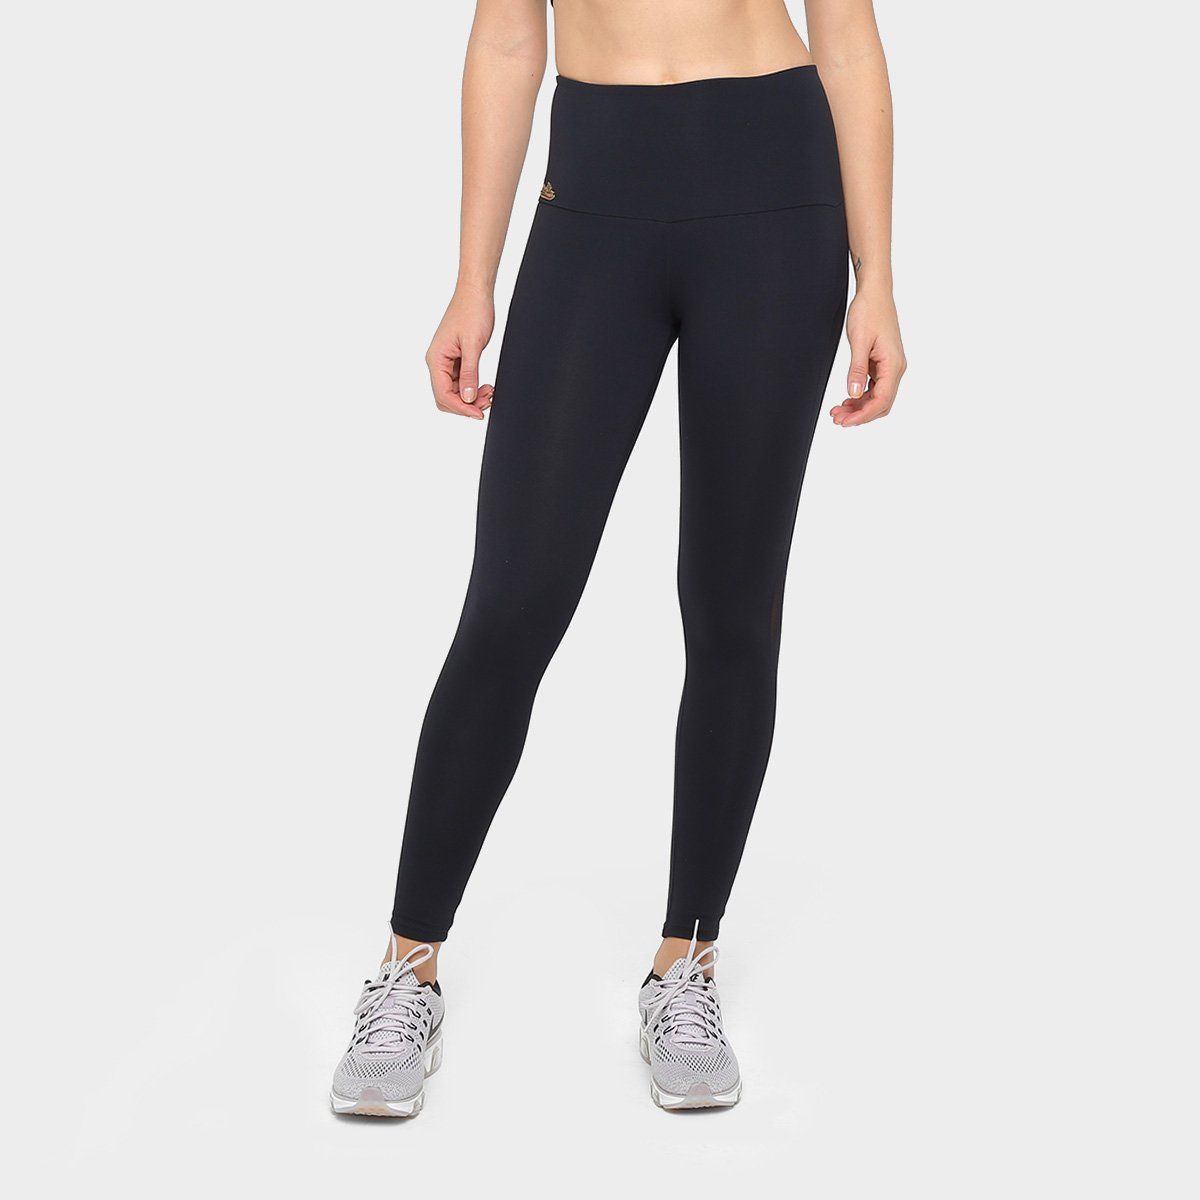 adb1f654f Calça Legging Sawary Fitness Tule Feminina - Preto - Compre Agora ...